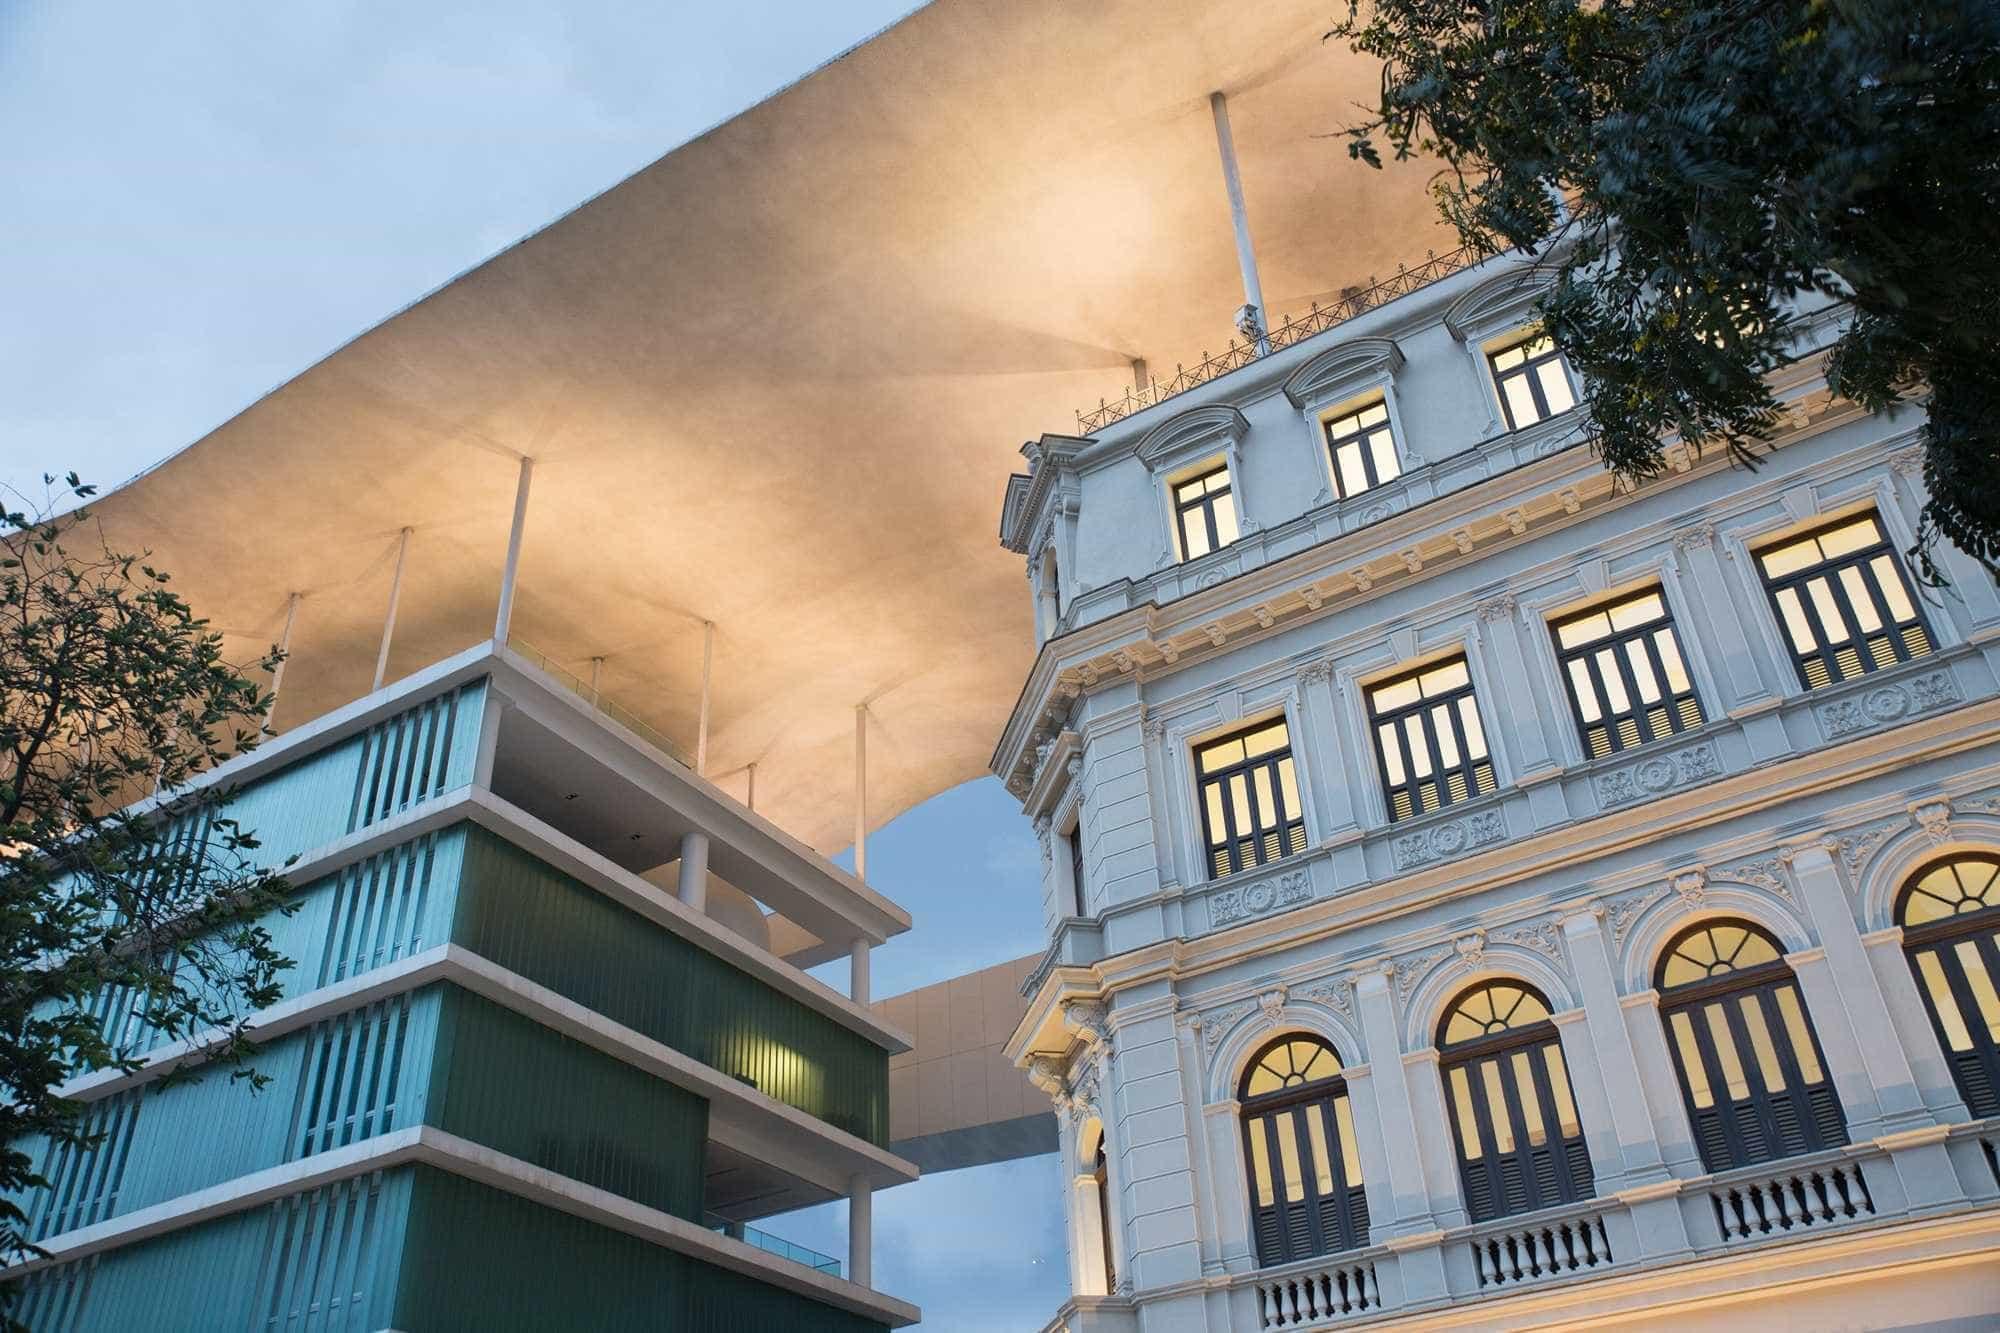 Petrobras apoia exposição e curso gratuitos sobre animação no MAM